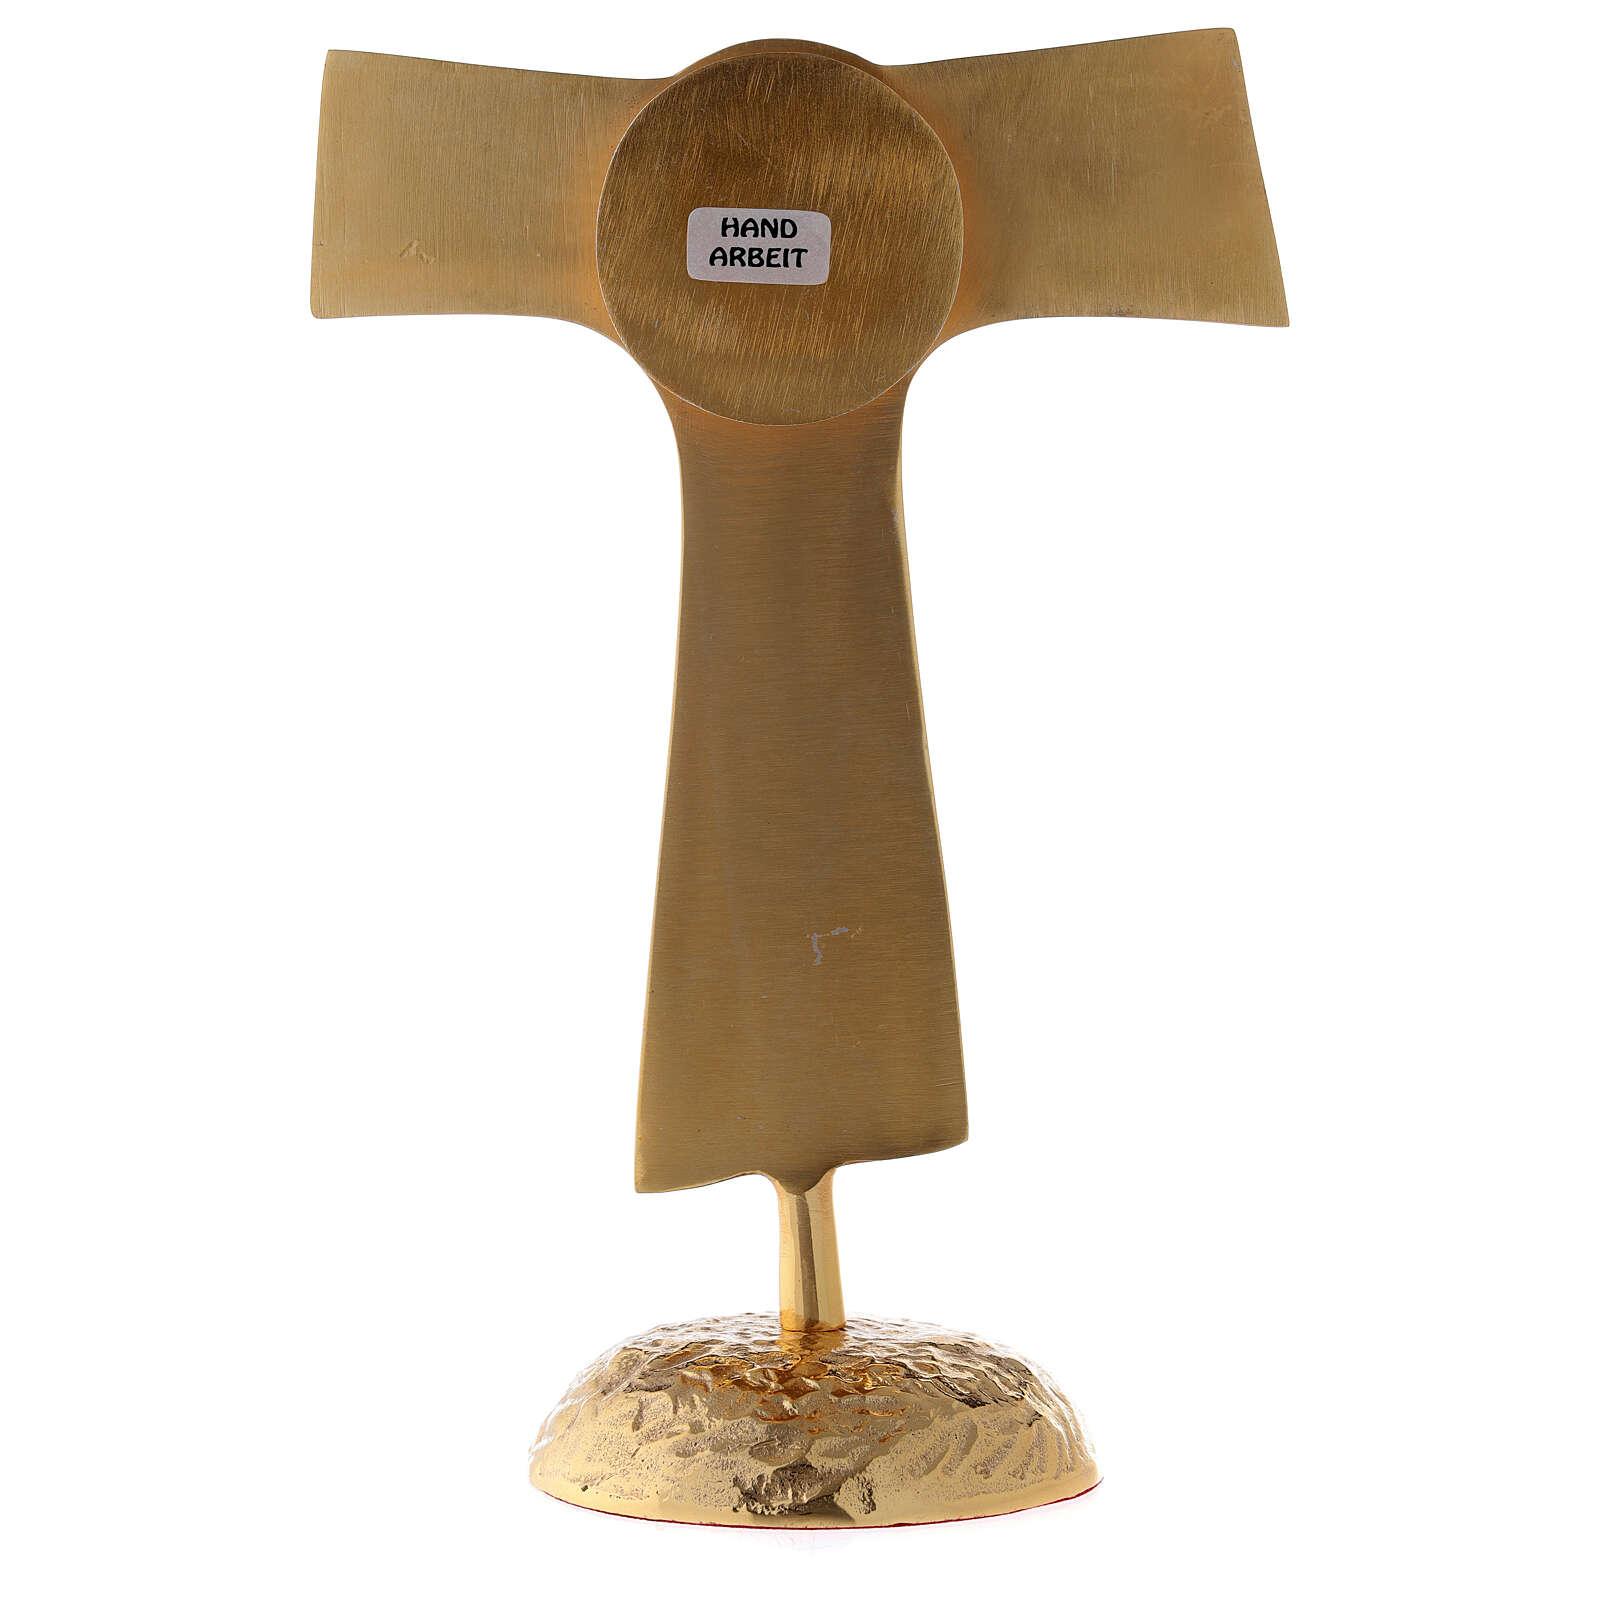 Reliquiario Tau teca rotonda ottone dorato 22 cm 4